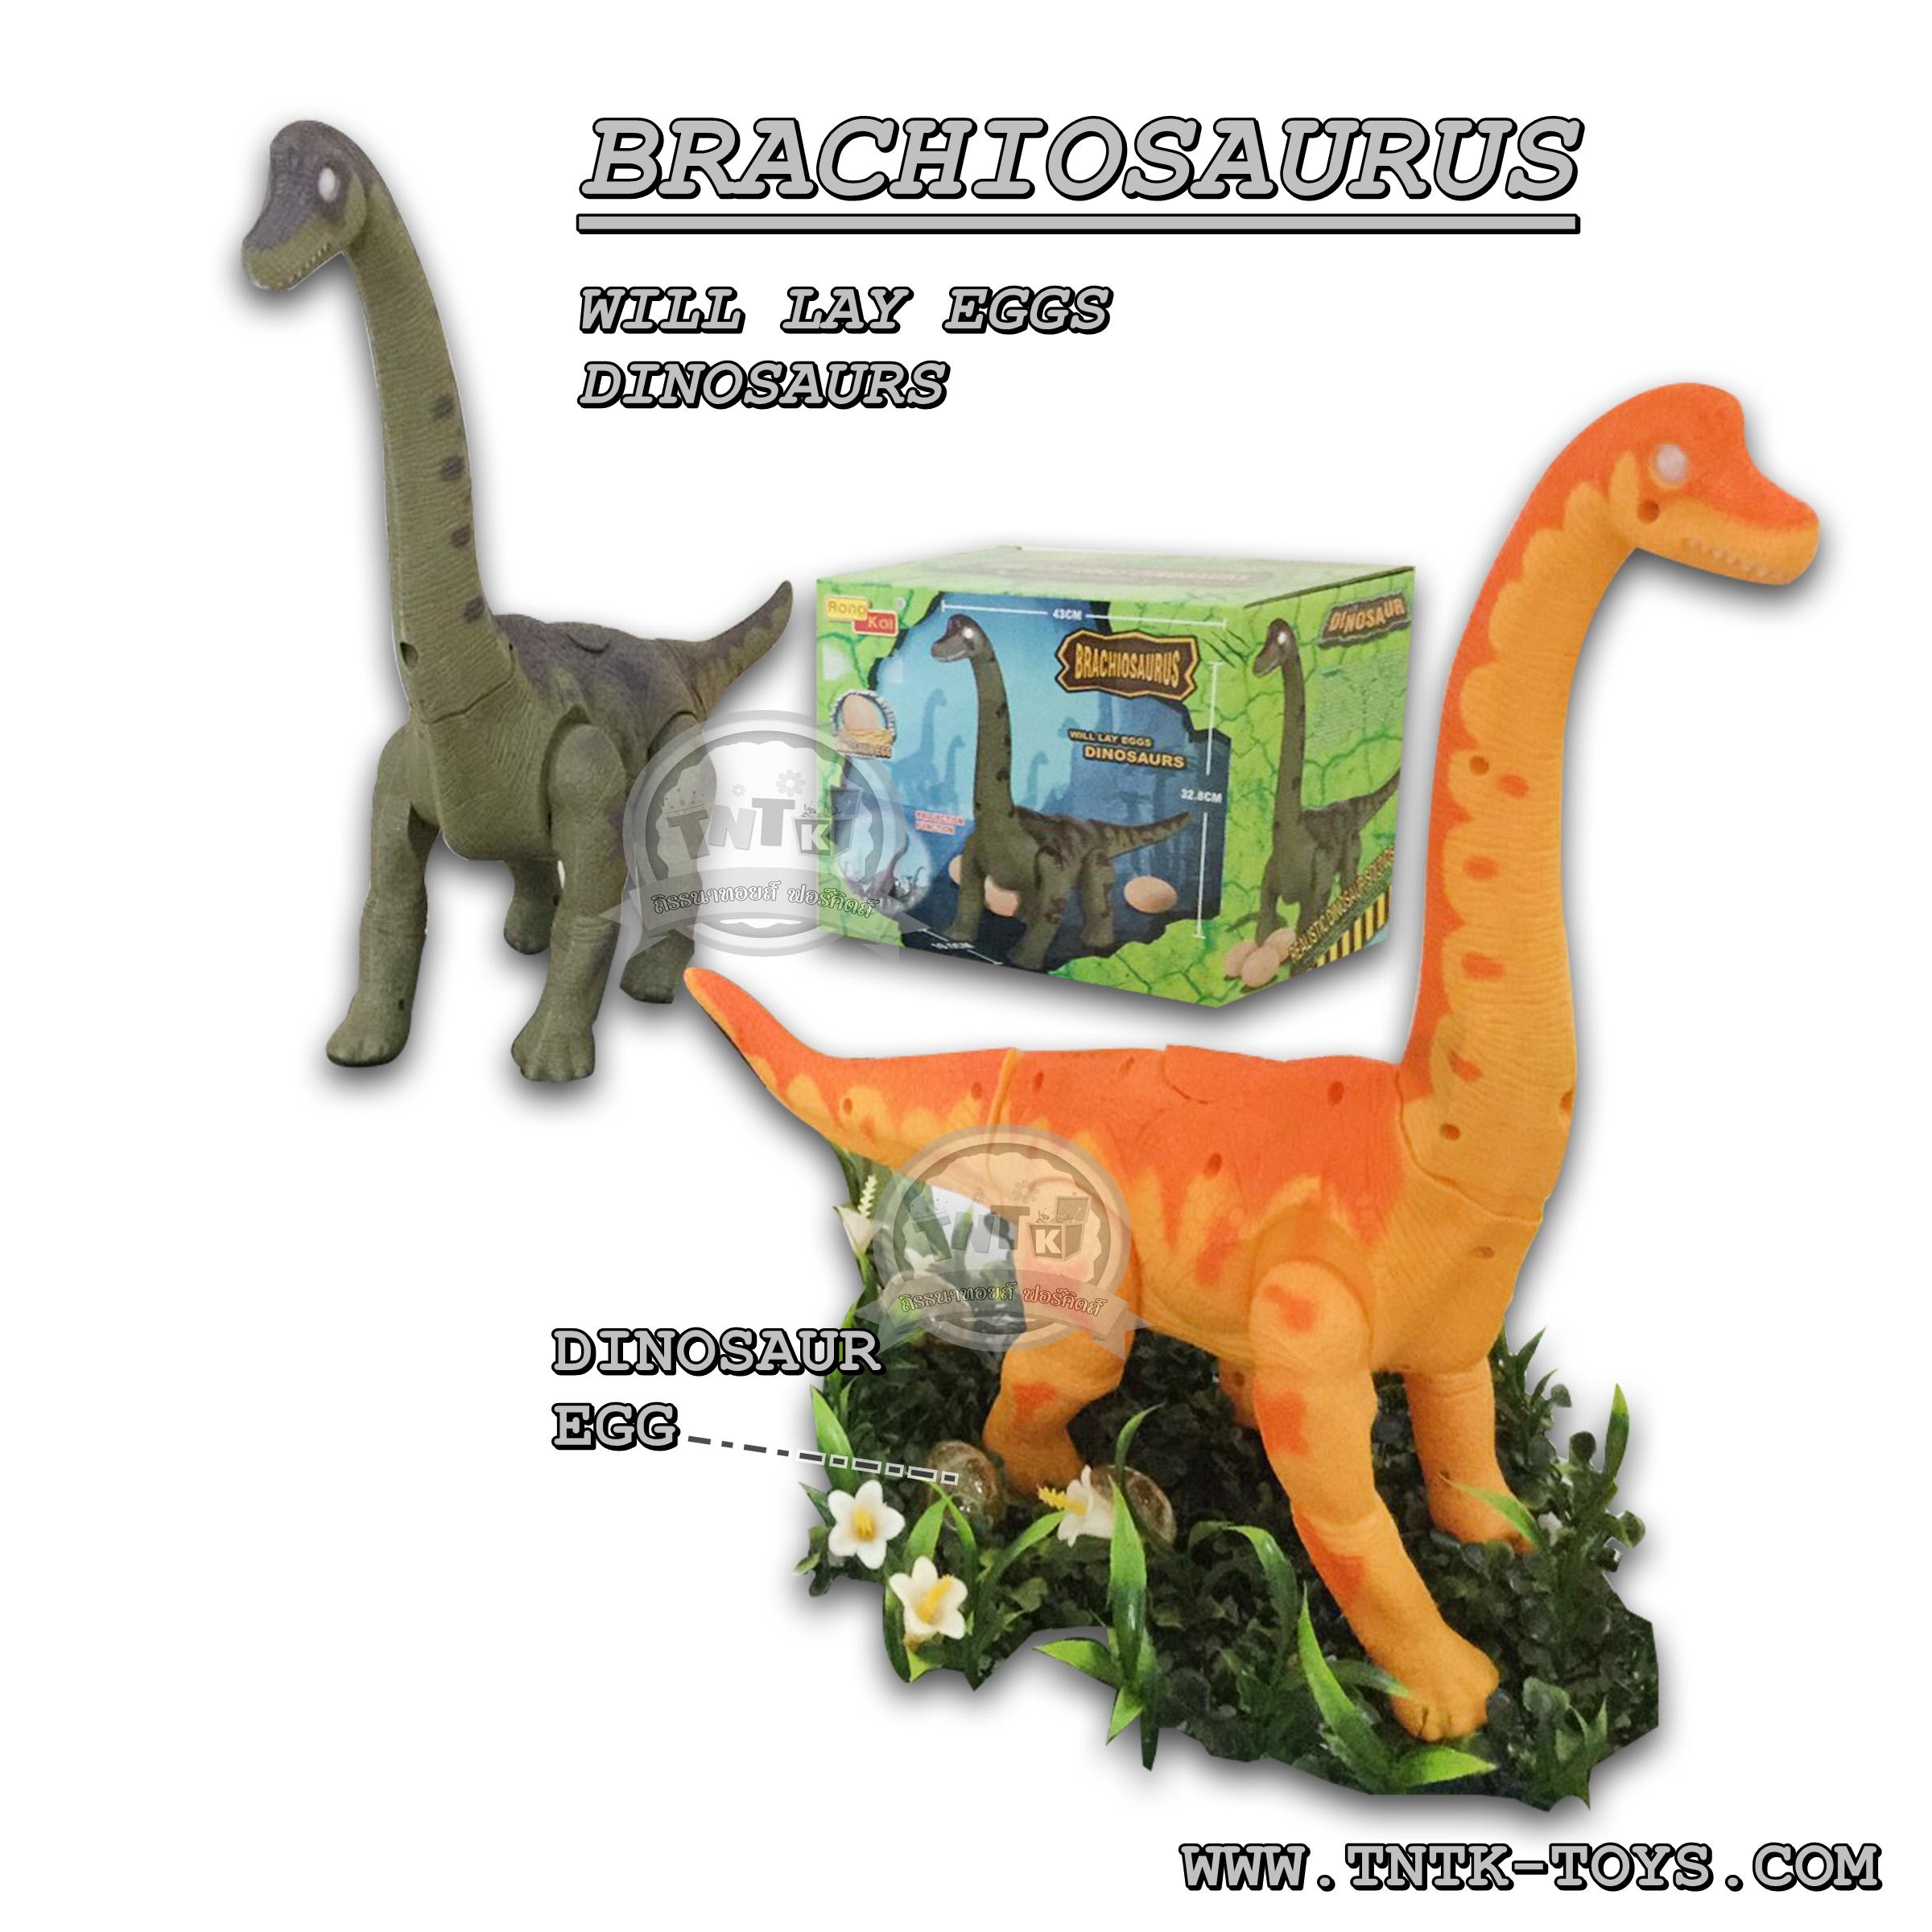 ไดโนเสาร์ออกไข่เดินได้มีเสียงร้อง